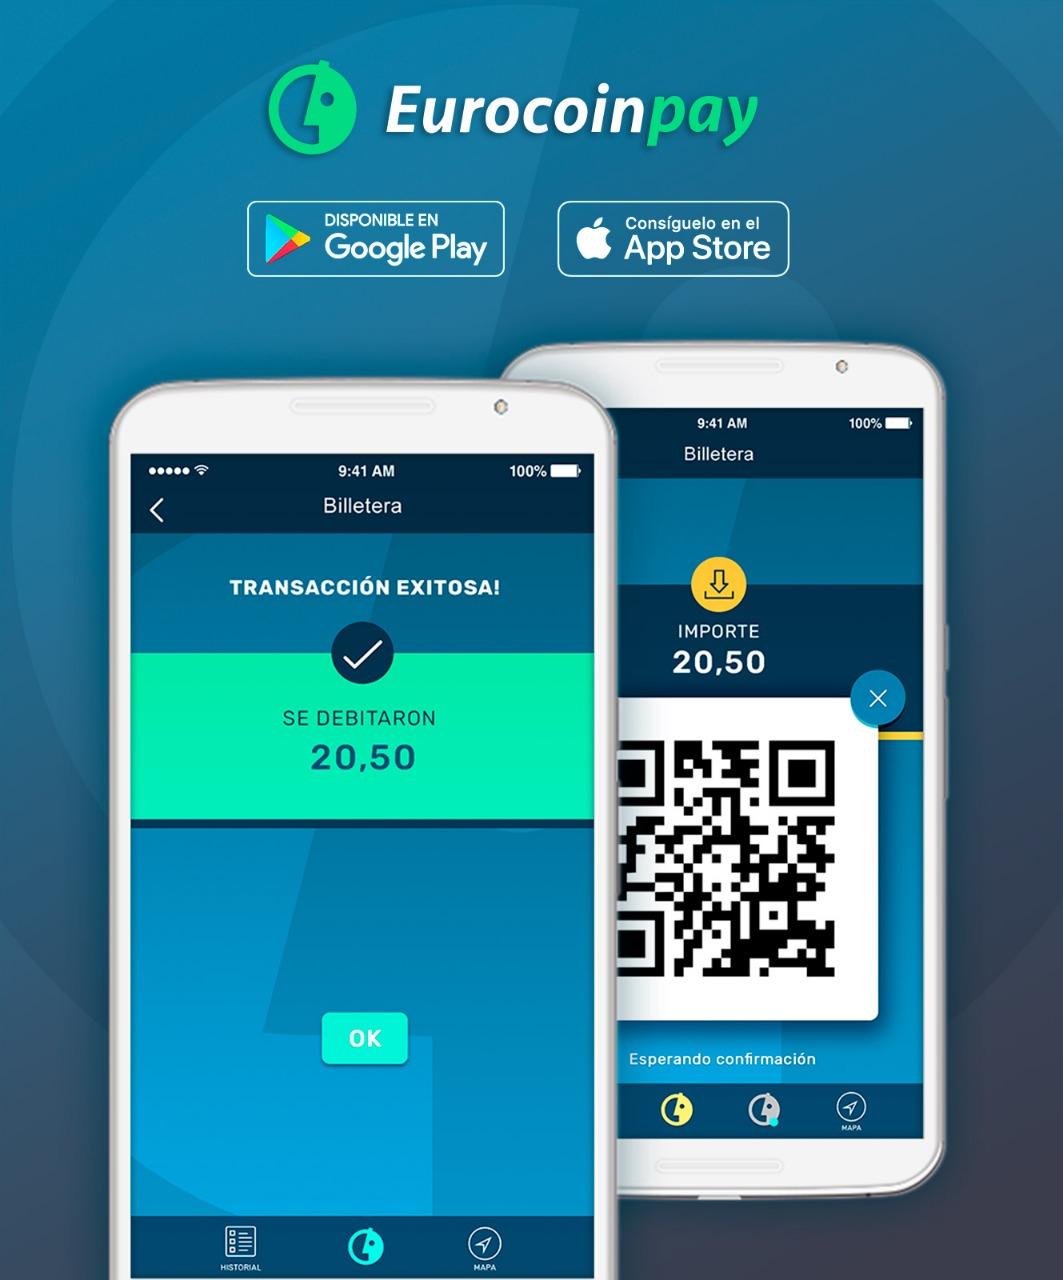 Eurocoinpay lanza su aplicación móvil para iOS y Android